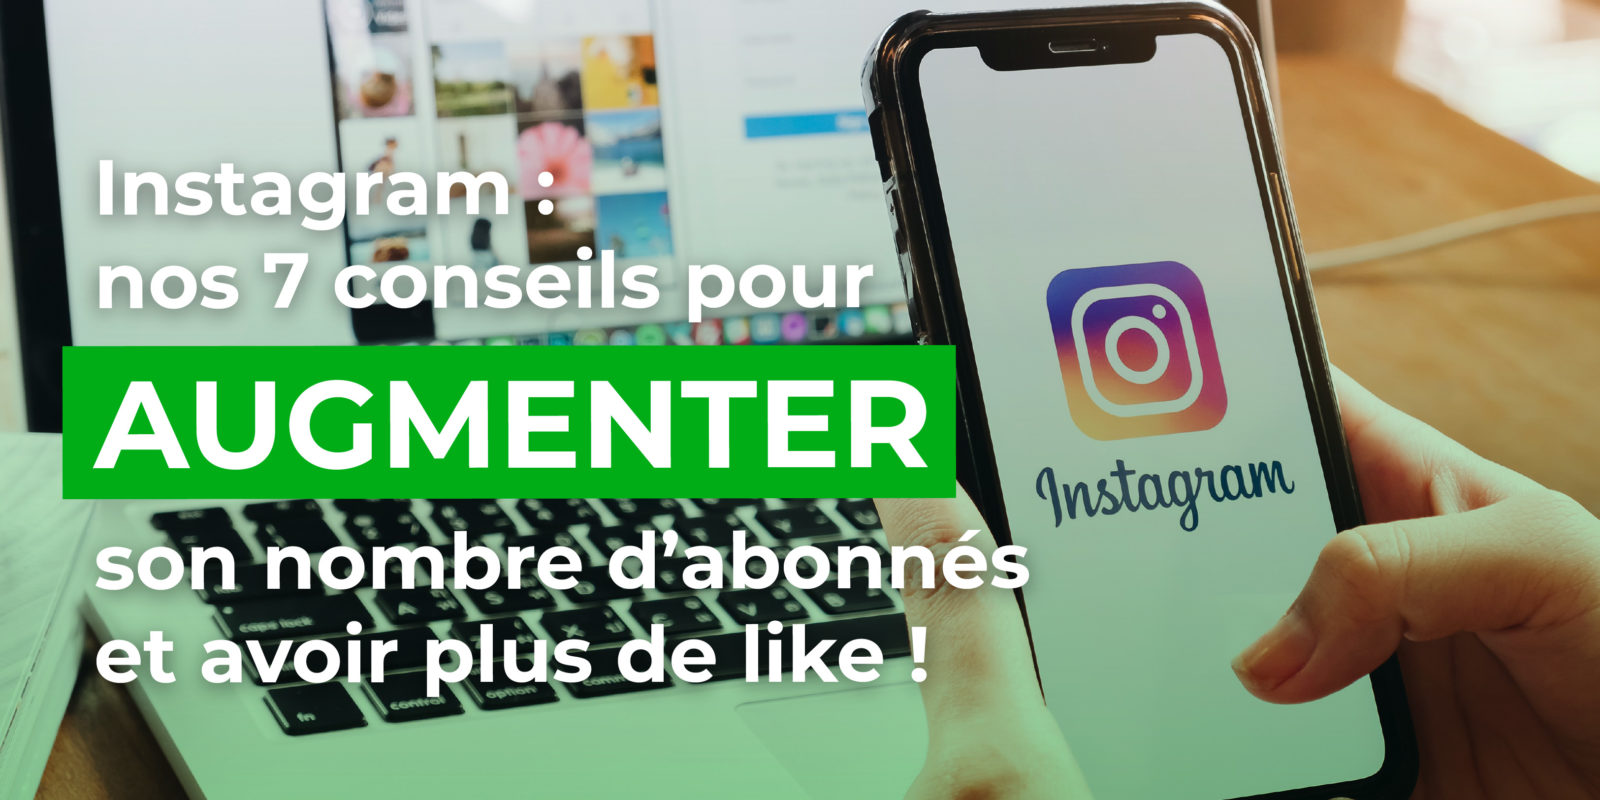 Instagram : nos 7 conseils pour augmenter son nombre d'abonnés et avoir plus de like - Val d'Oise Communication